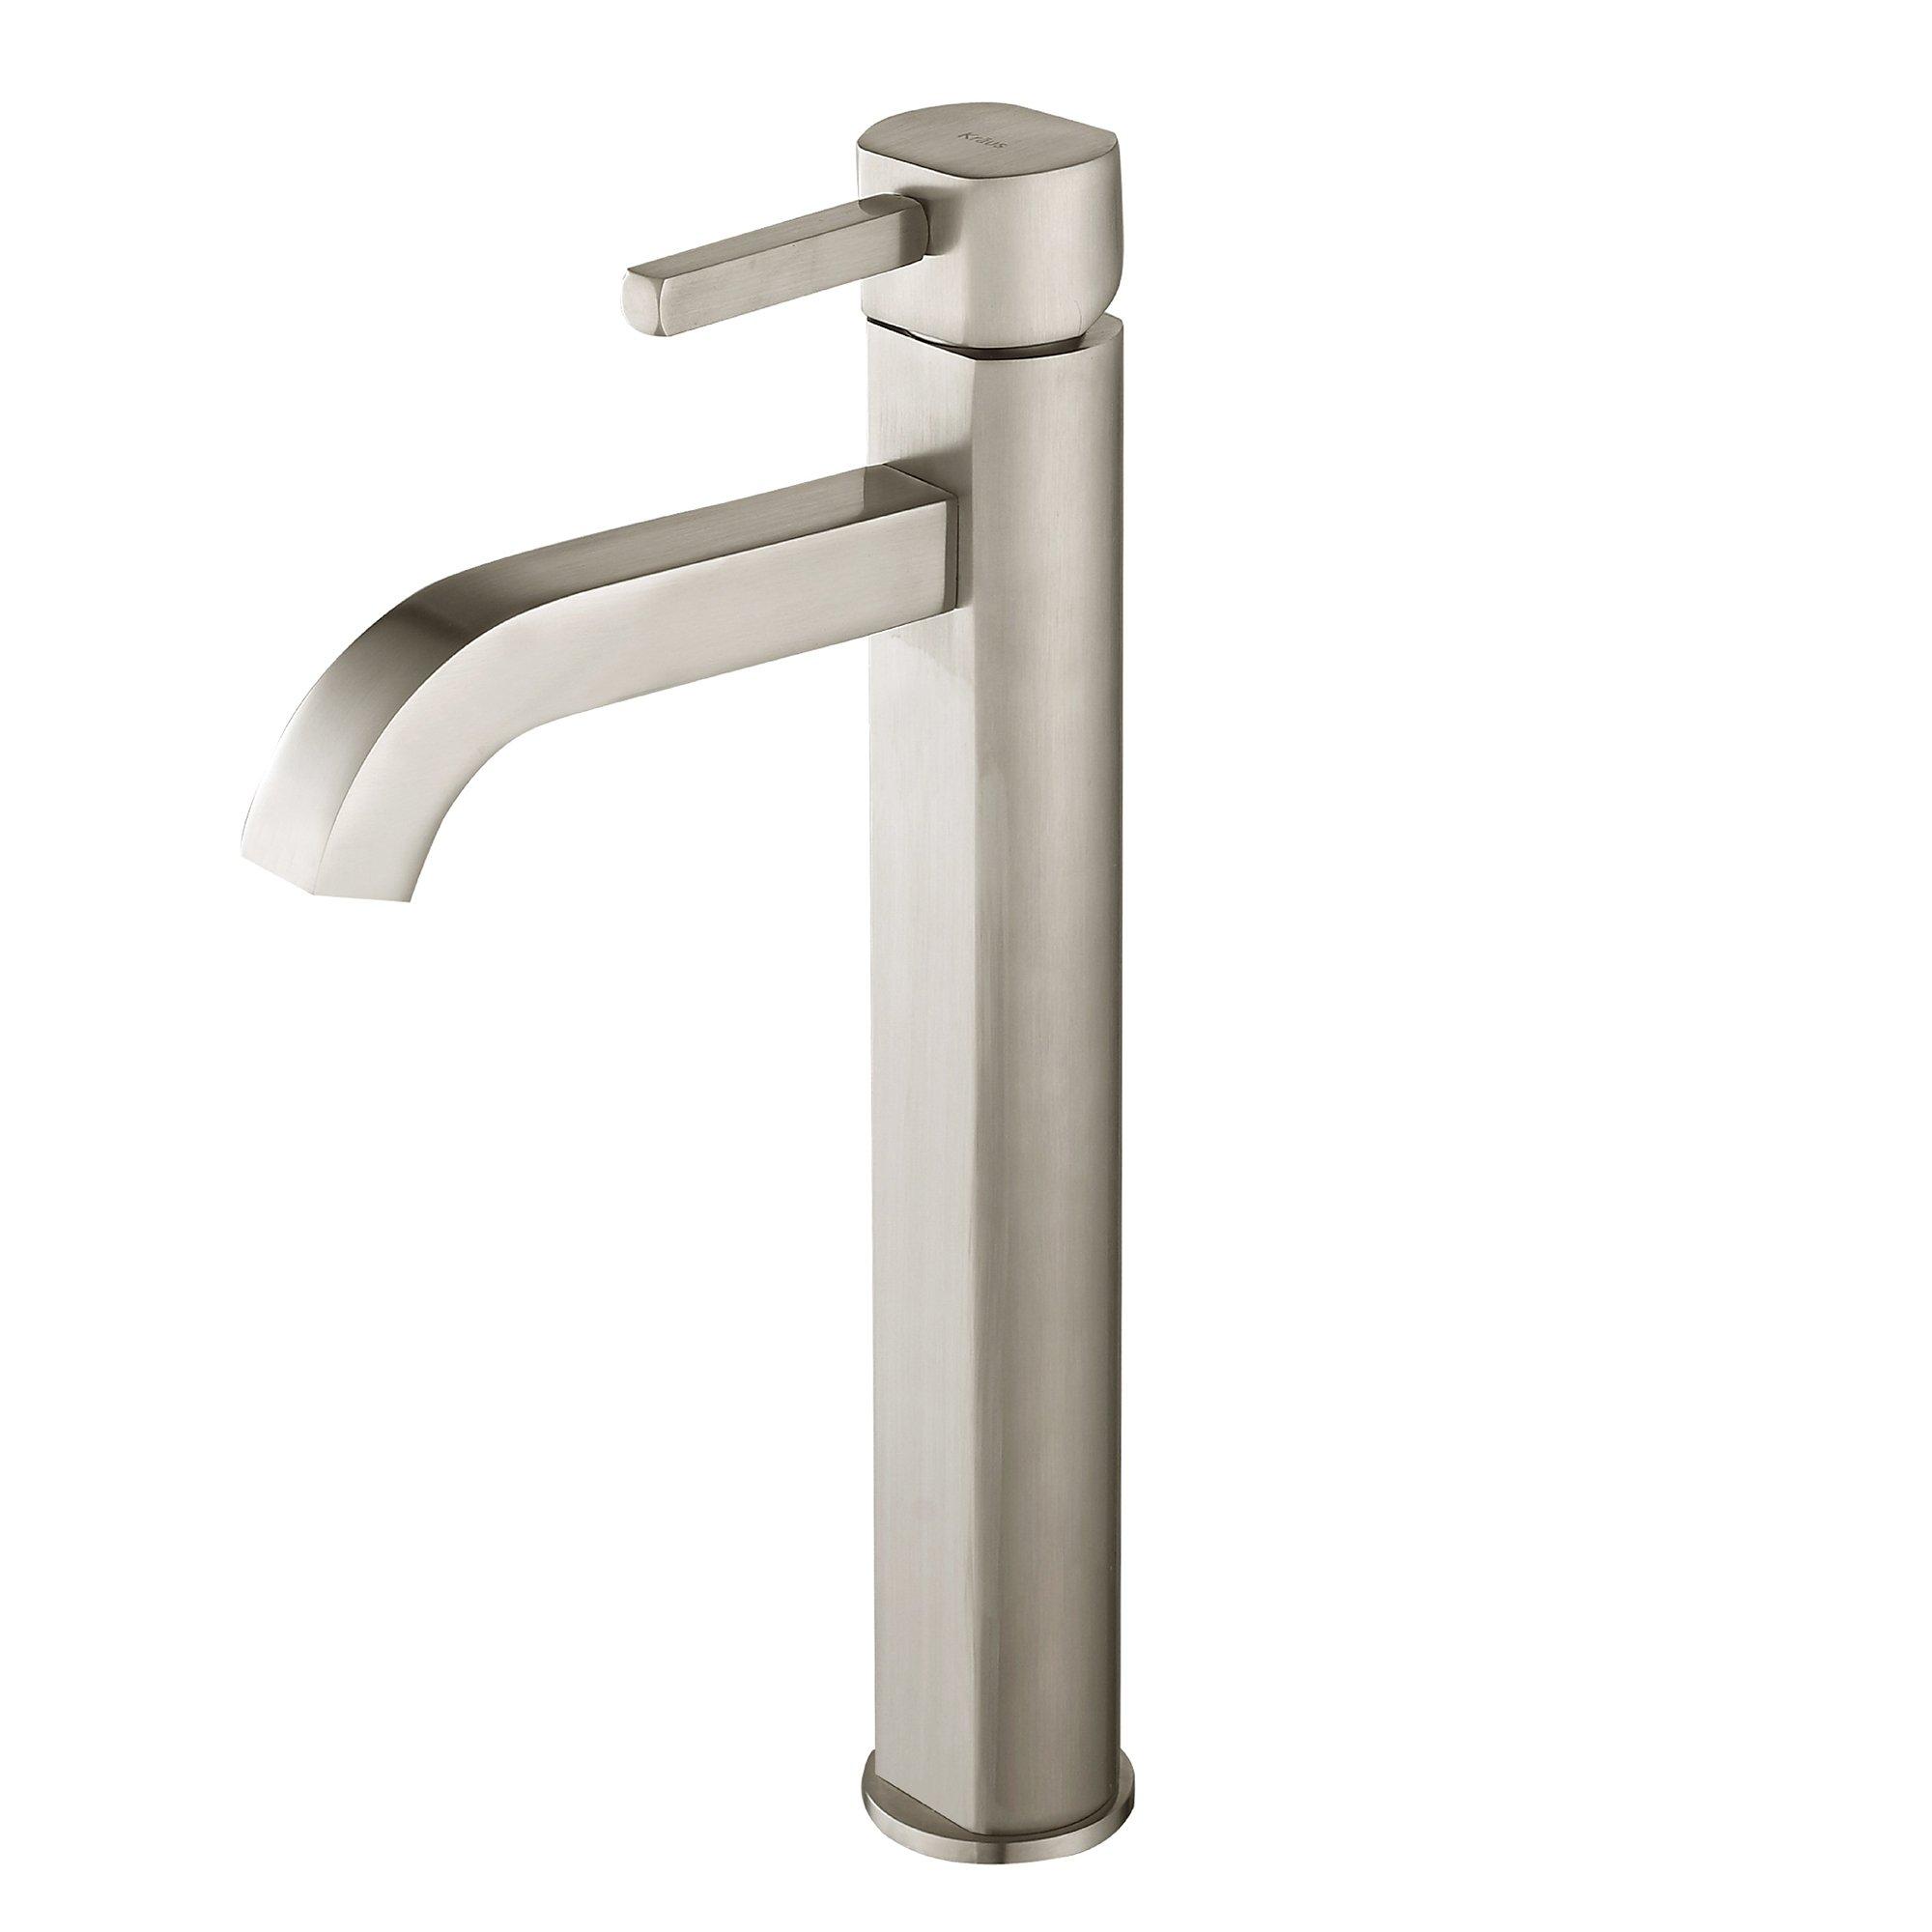 Kraus Vessel Sink Faucet: Amazon.com